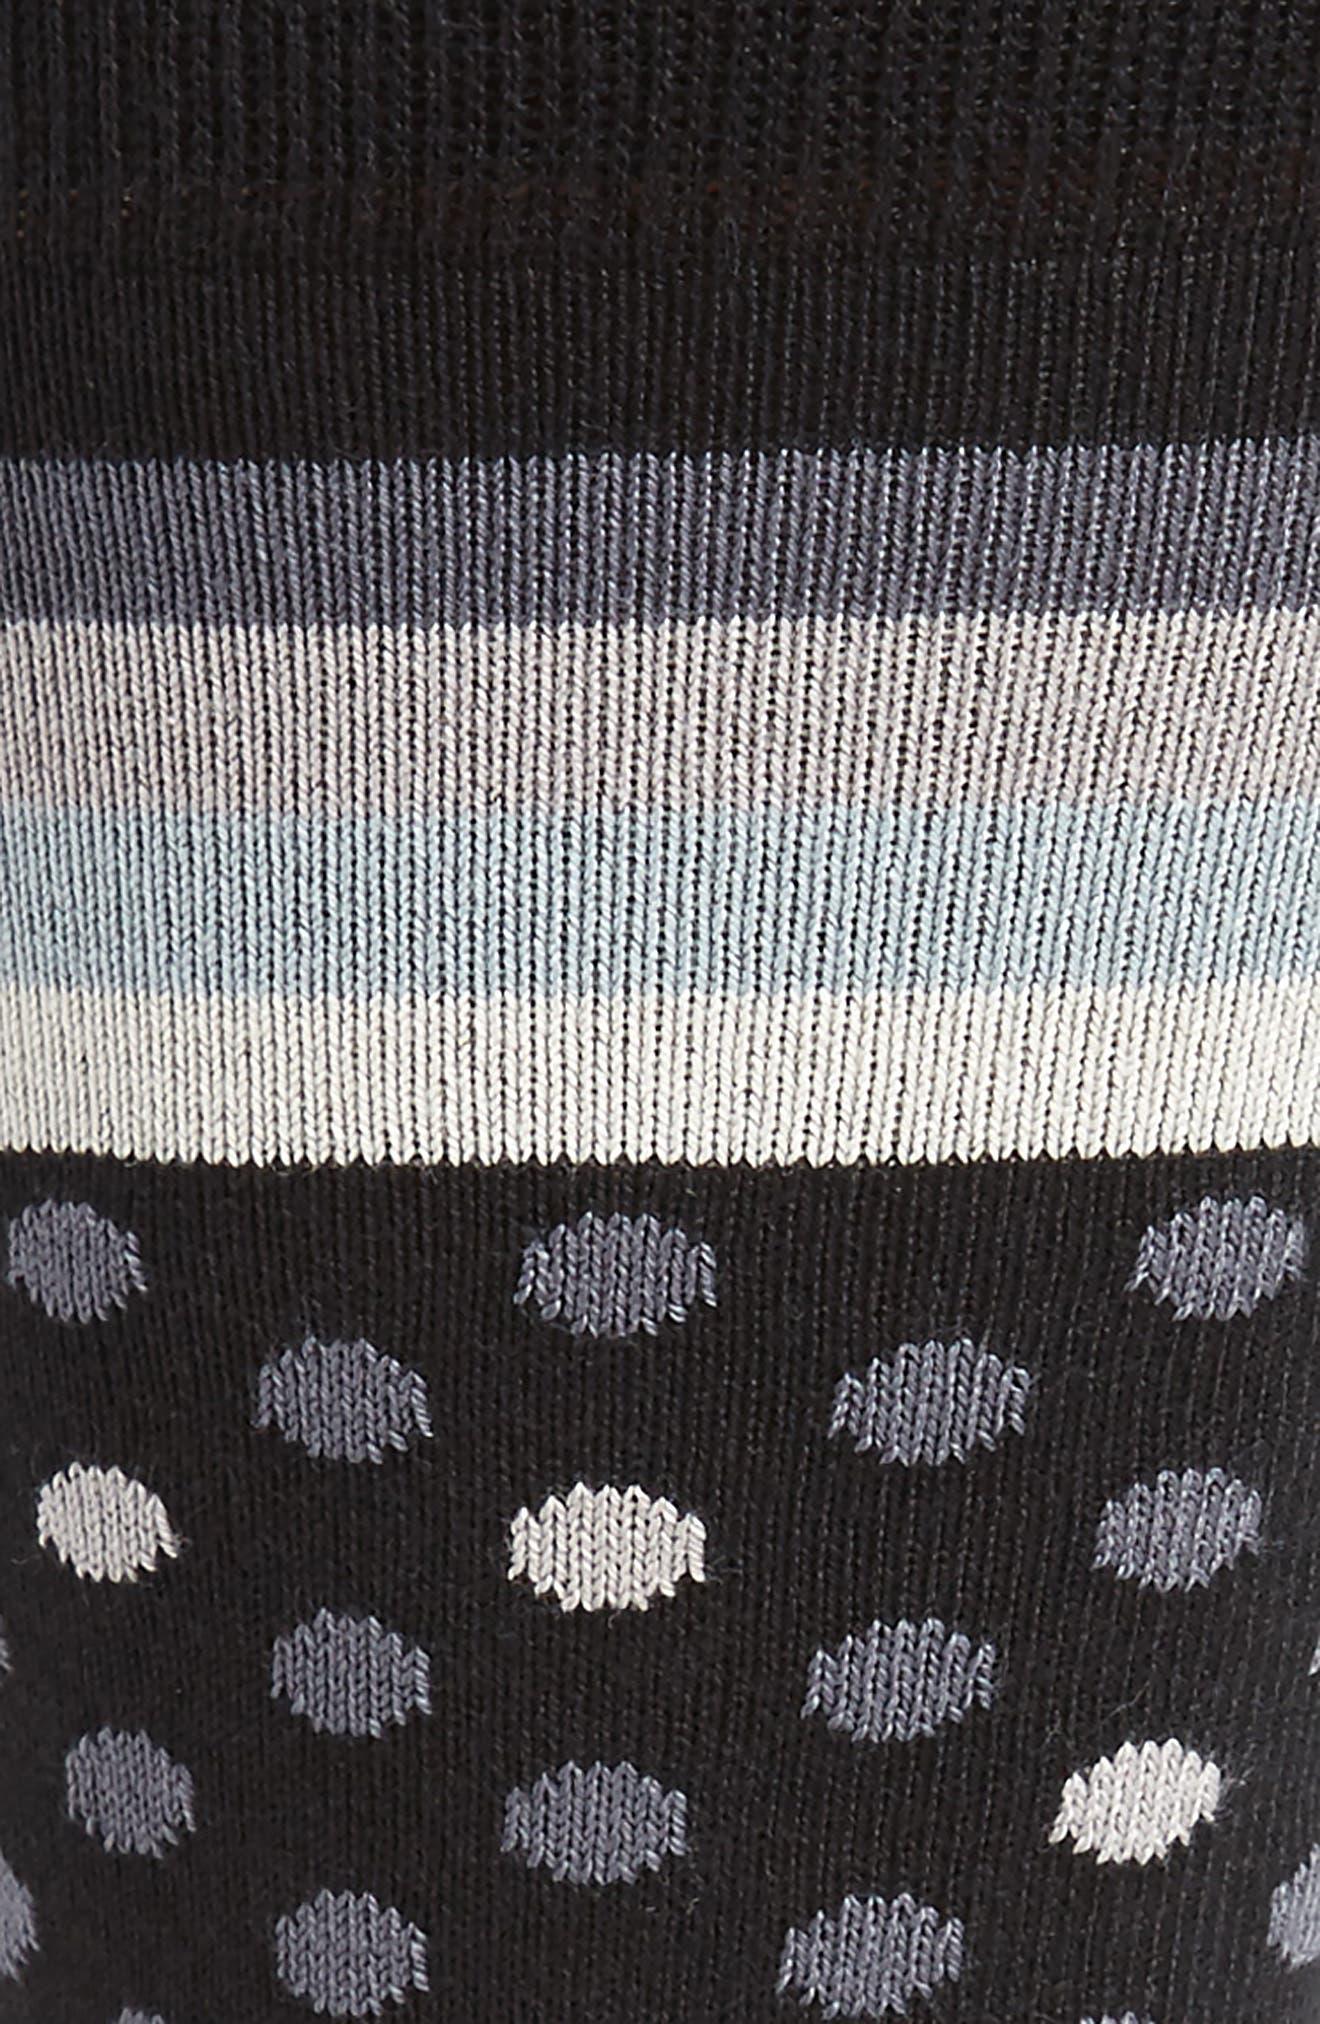 Dot & Stripe Socks,                             Alternate thumbnail 2, color,                             009